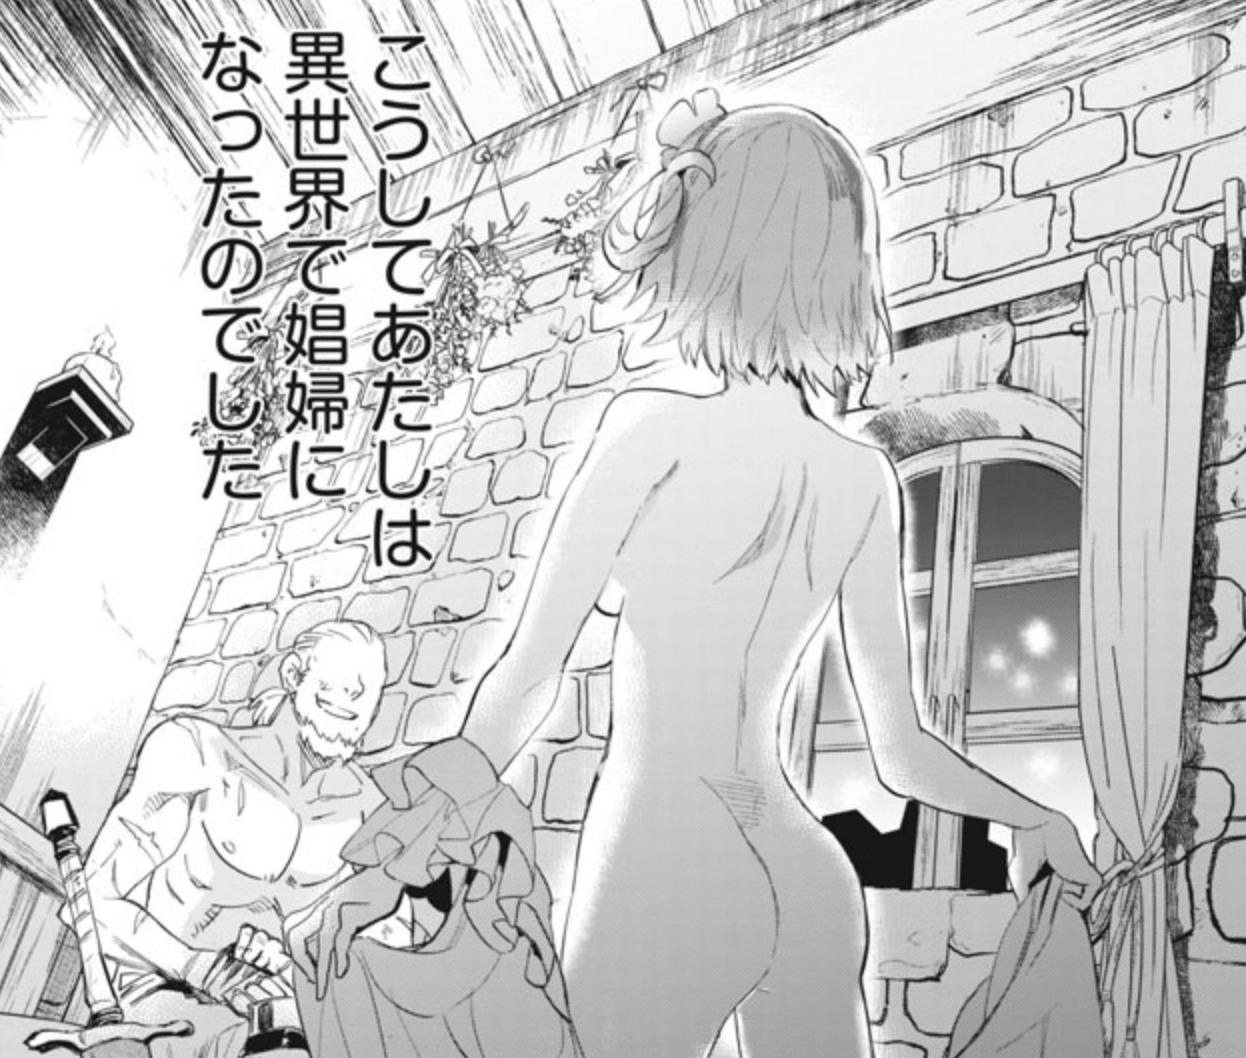 平鳥コウ・山田J太/新潮社『JKハルは異世界で娼婦になった』